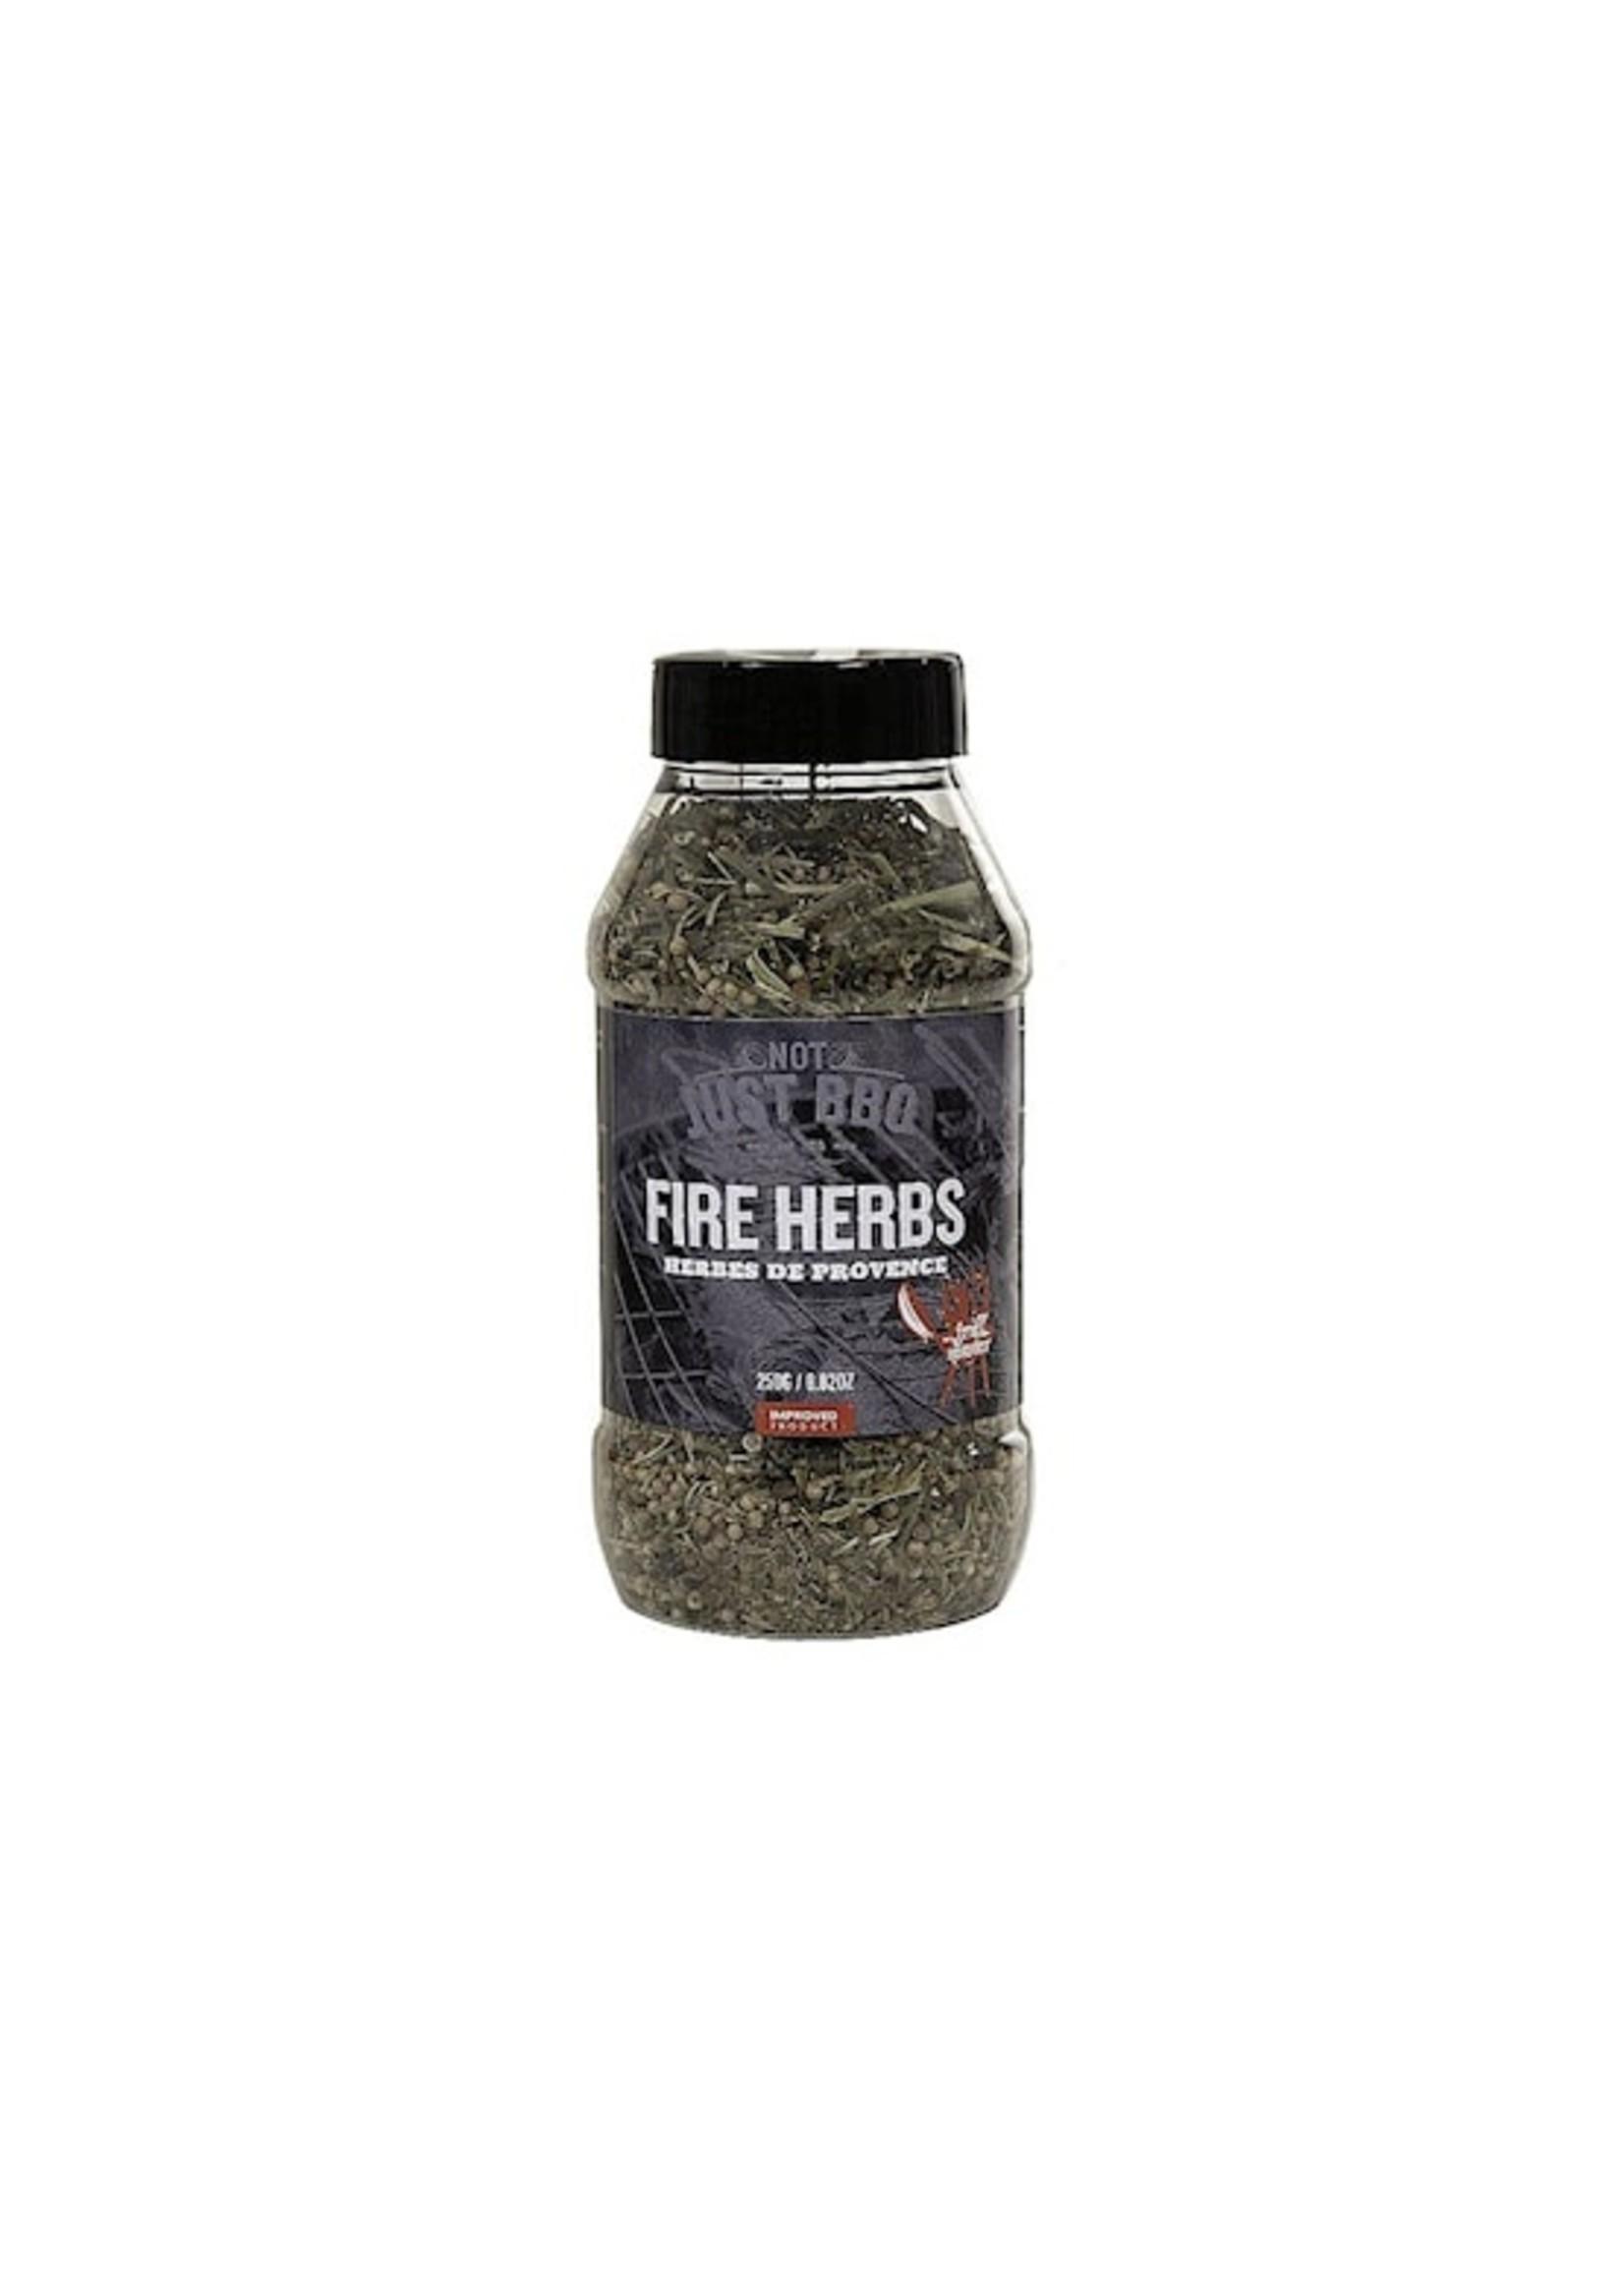 NotJustBBQ Fire Herbs 250g